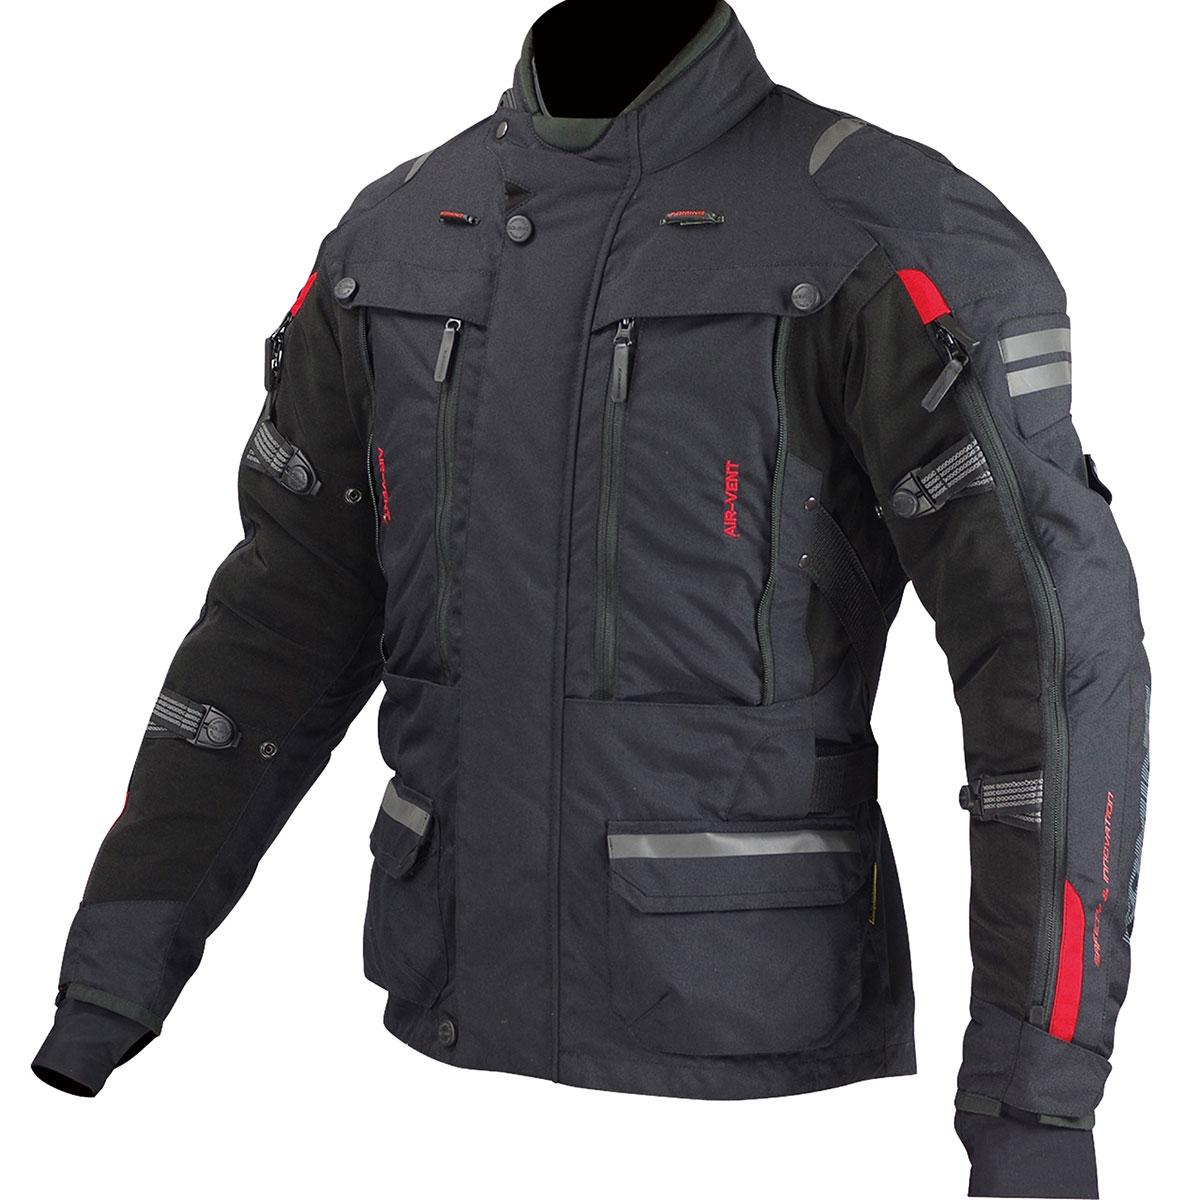 コミネ (Komine) バイク用 ジャケット Jacket JK-574 フルイヤーツーリングジャケット-ラーマ ブラック 黒 2XLサイズ 07-574/BK/2XL